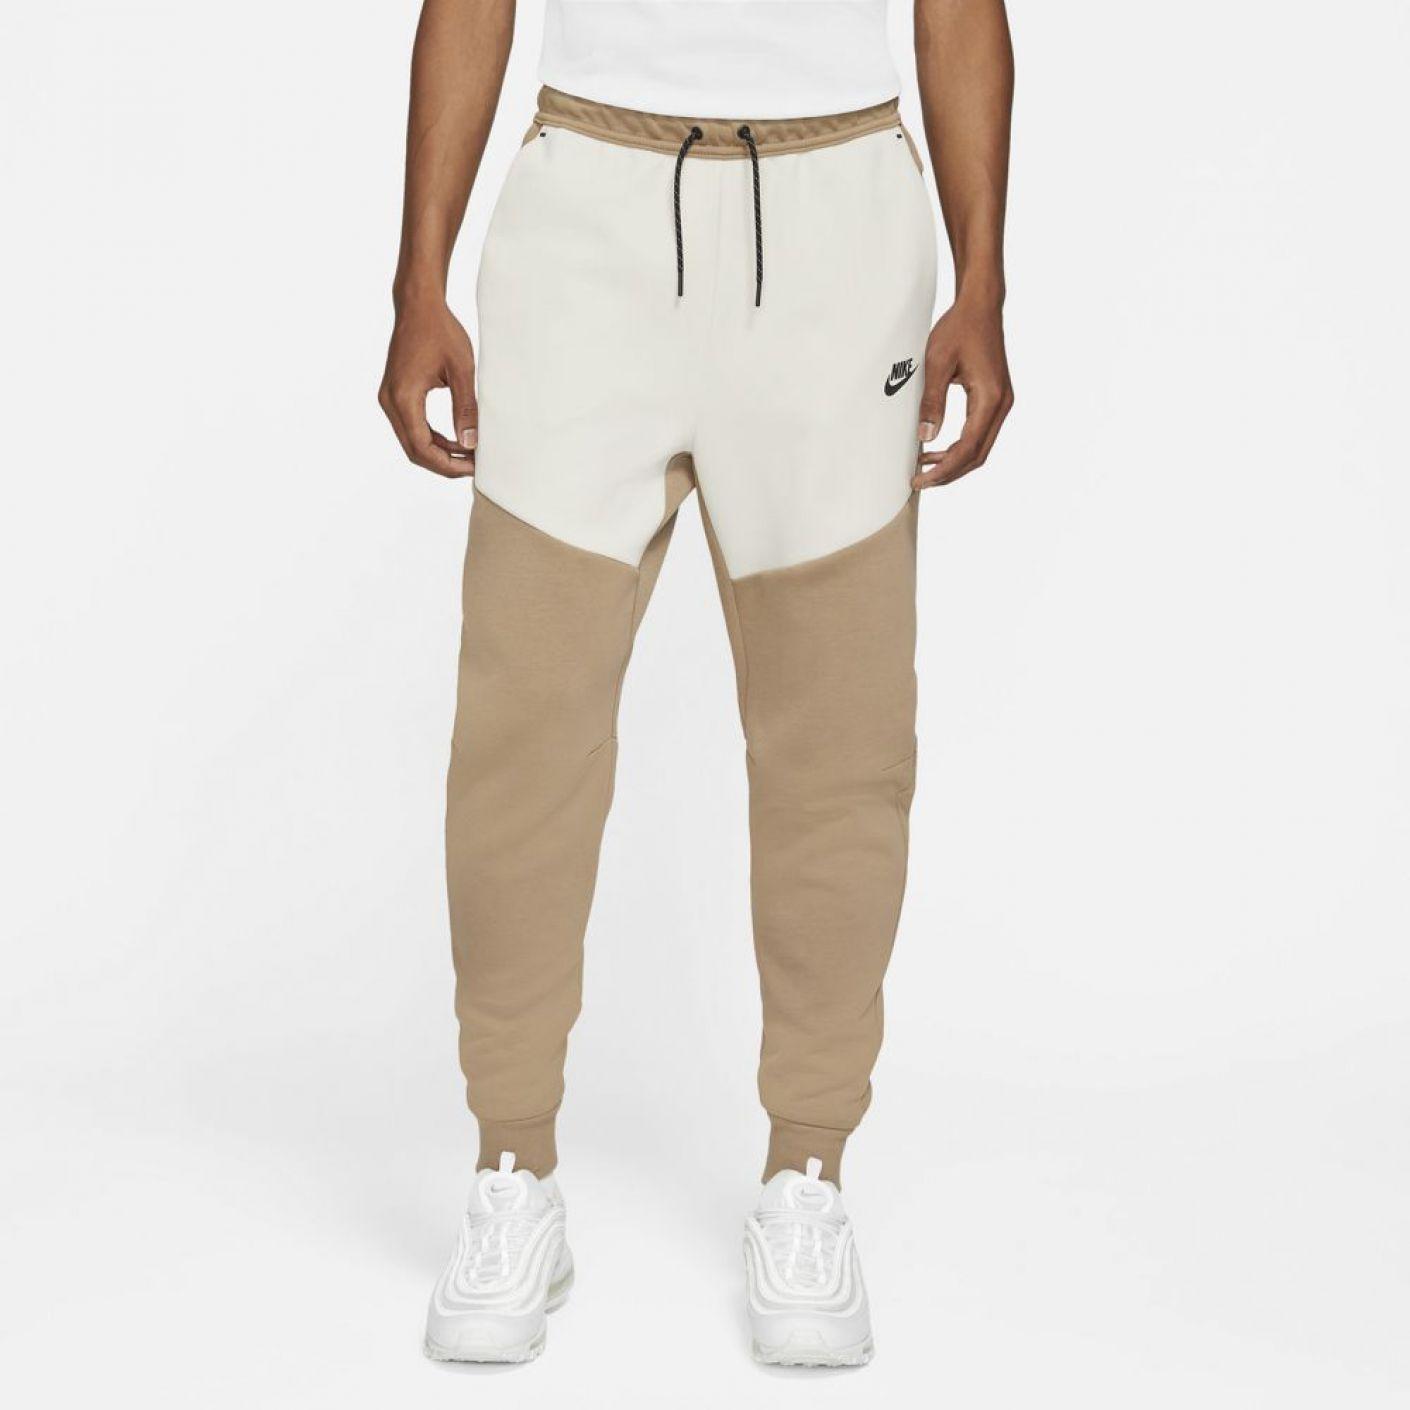 Nike Tech Fleece Broek Bruin Wit Zwart